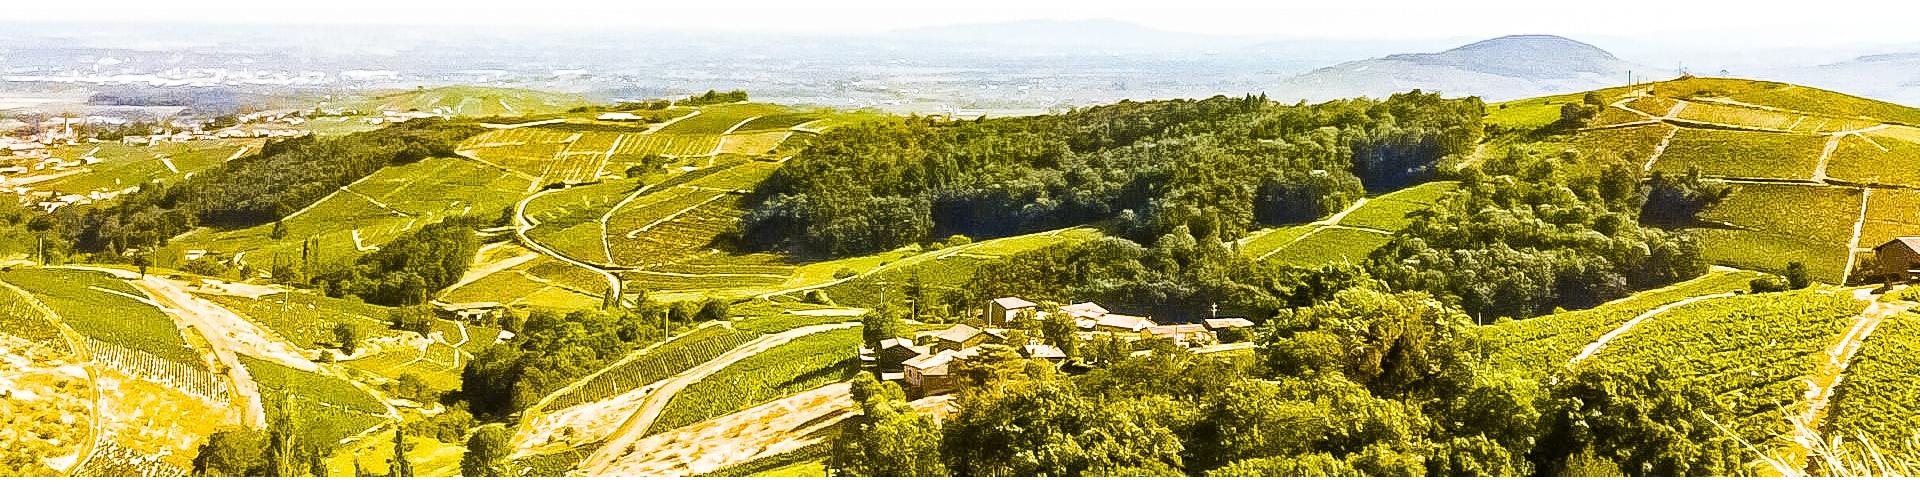 Beaujolais   Achat Groupé de vins